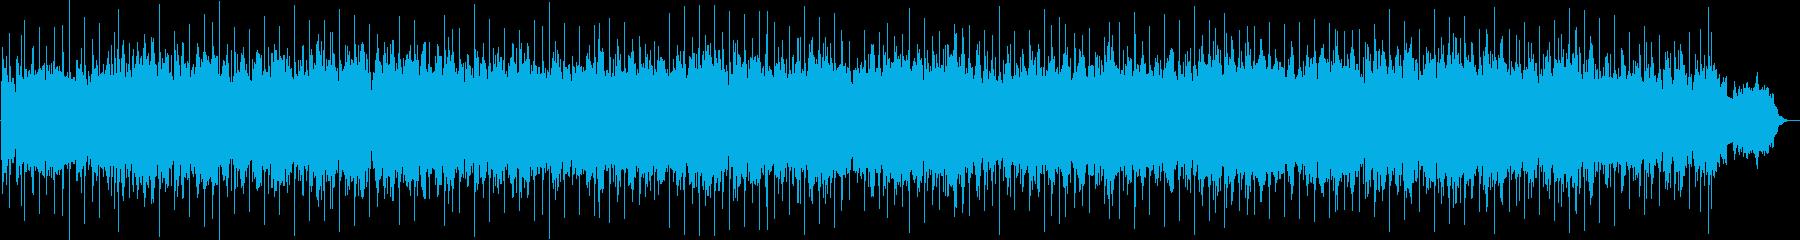 ふわふわとした雰囲気のスローBGMの再生済みの波形